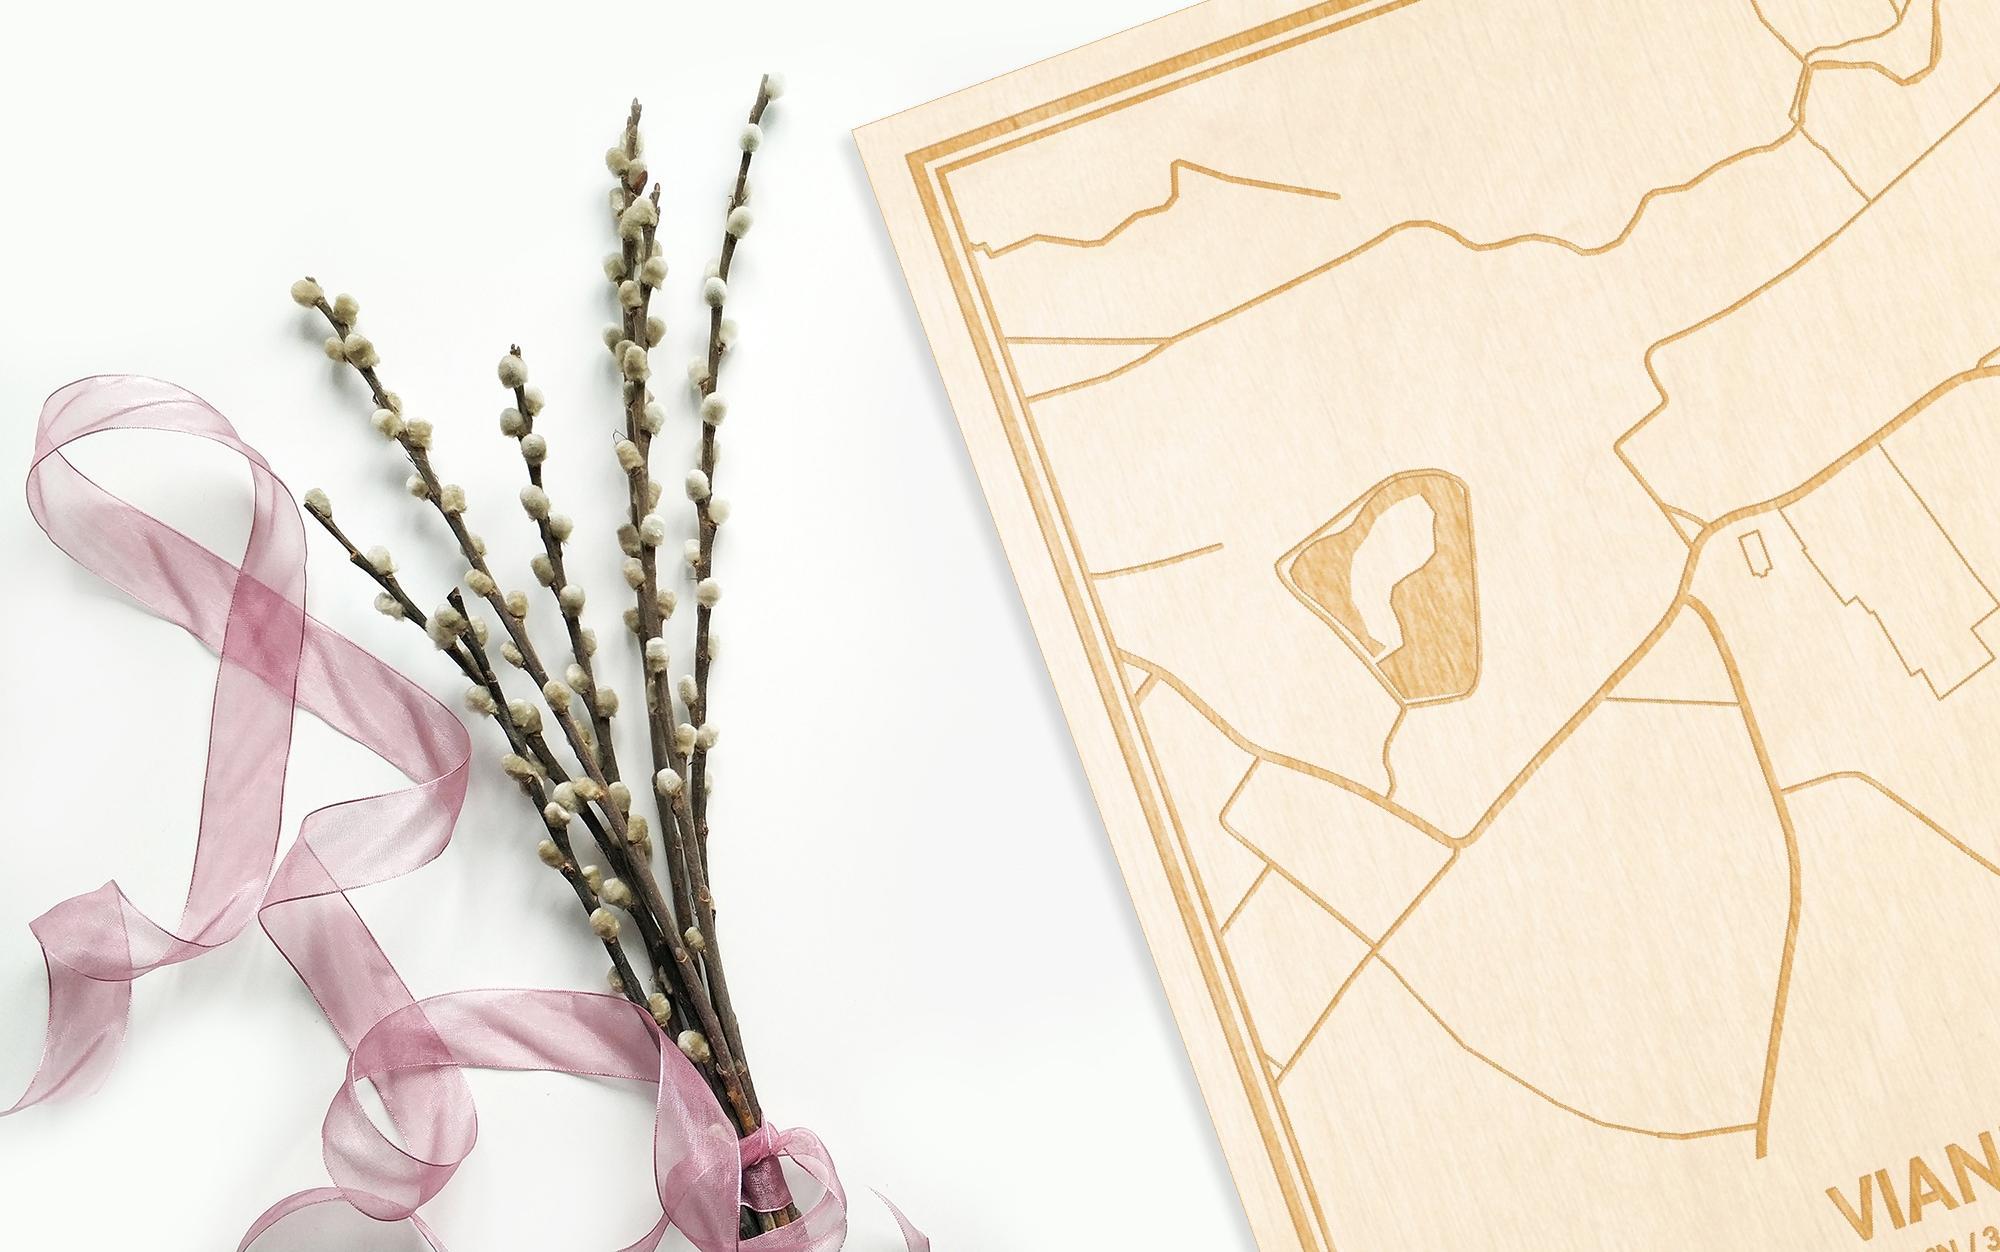 Hier ligt de houten plattegrond Viane naast een bloemetje als gepersonaliseerd cadeau voor haar.